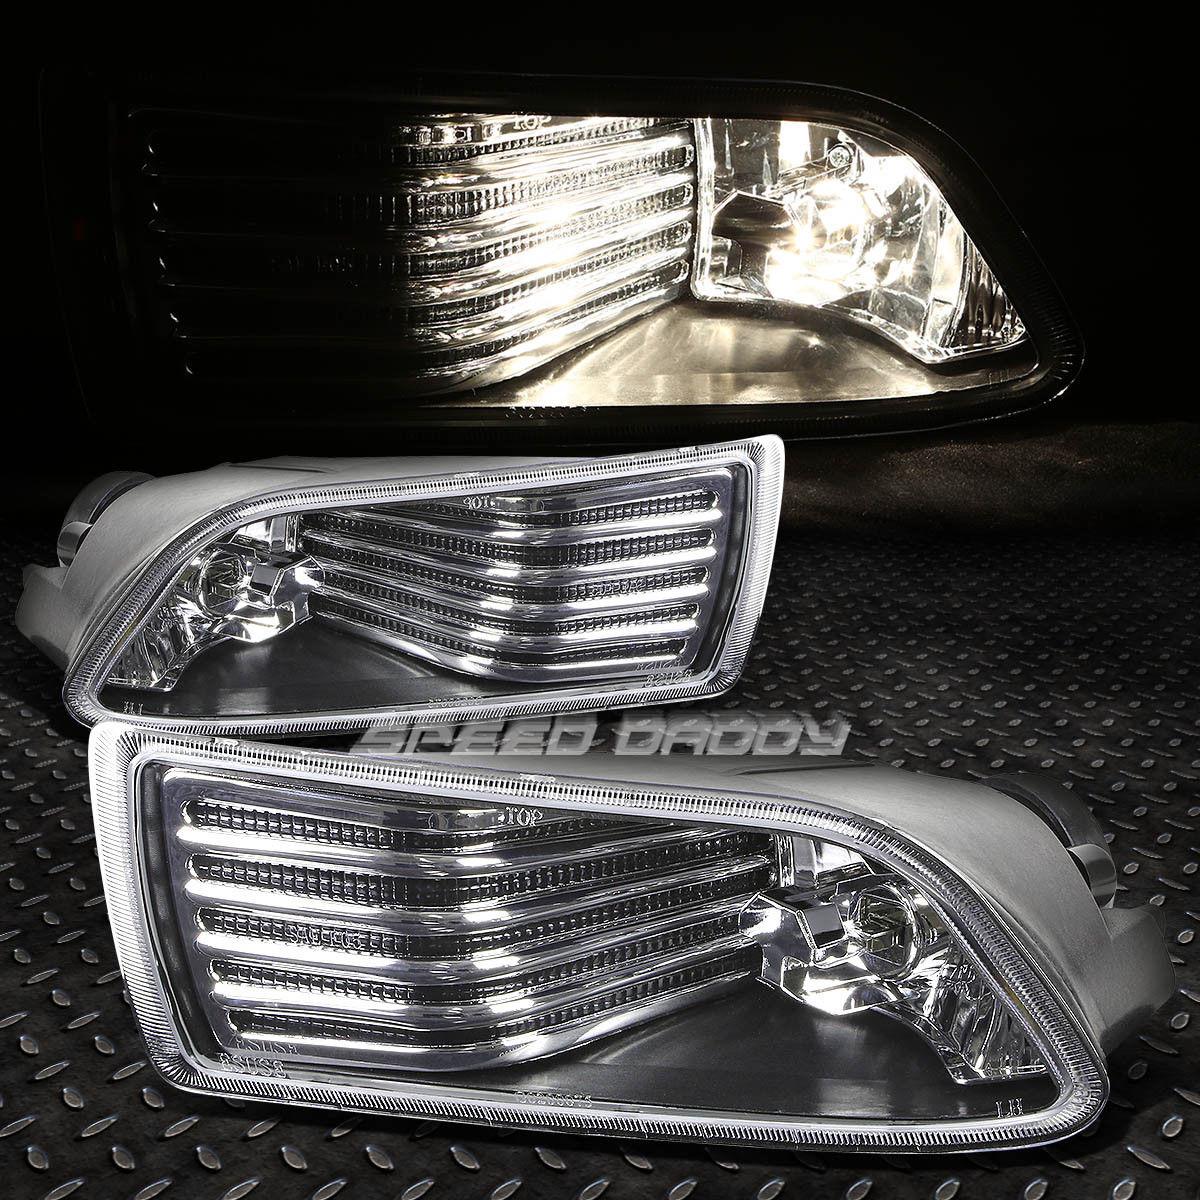 フォグライト FOR 04-10 SCION TC JDM CLEAR LENS BLACK DRIVING FOG LIGHT/OE RH+LH LAMP+SWITCH 04-10 SCION TC JDMクリアレンズブラックドライブフォグライト/ OE RH + LHランプ+スイッチ